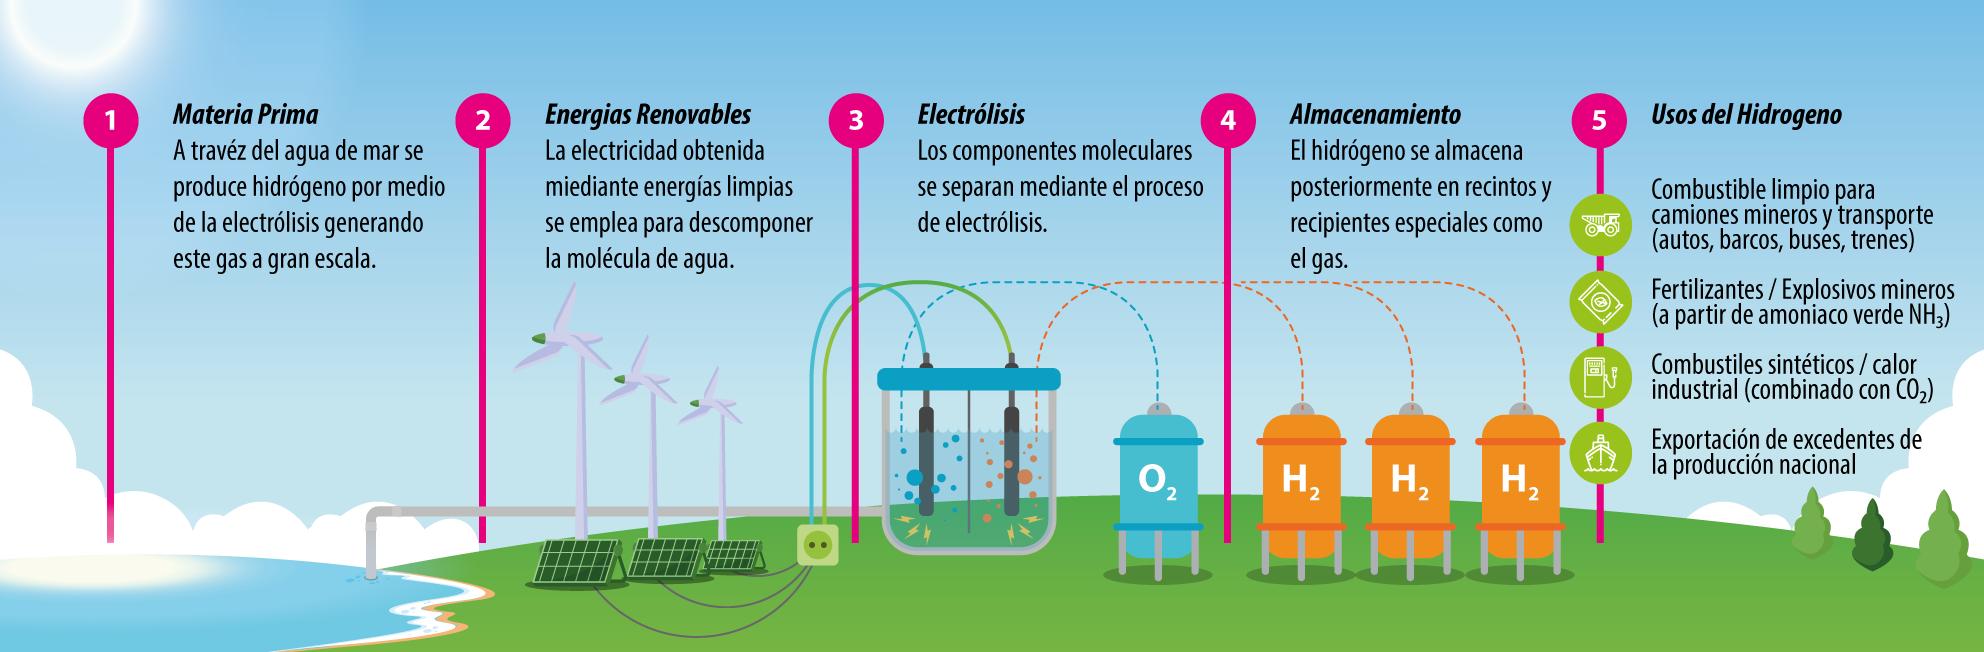 hidrógeno verde infografía